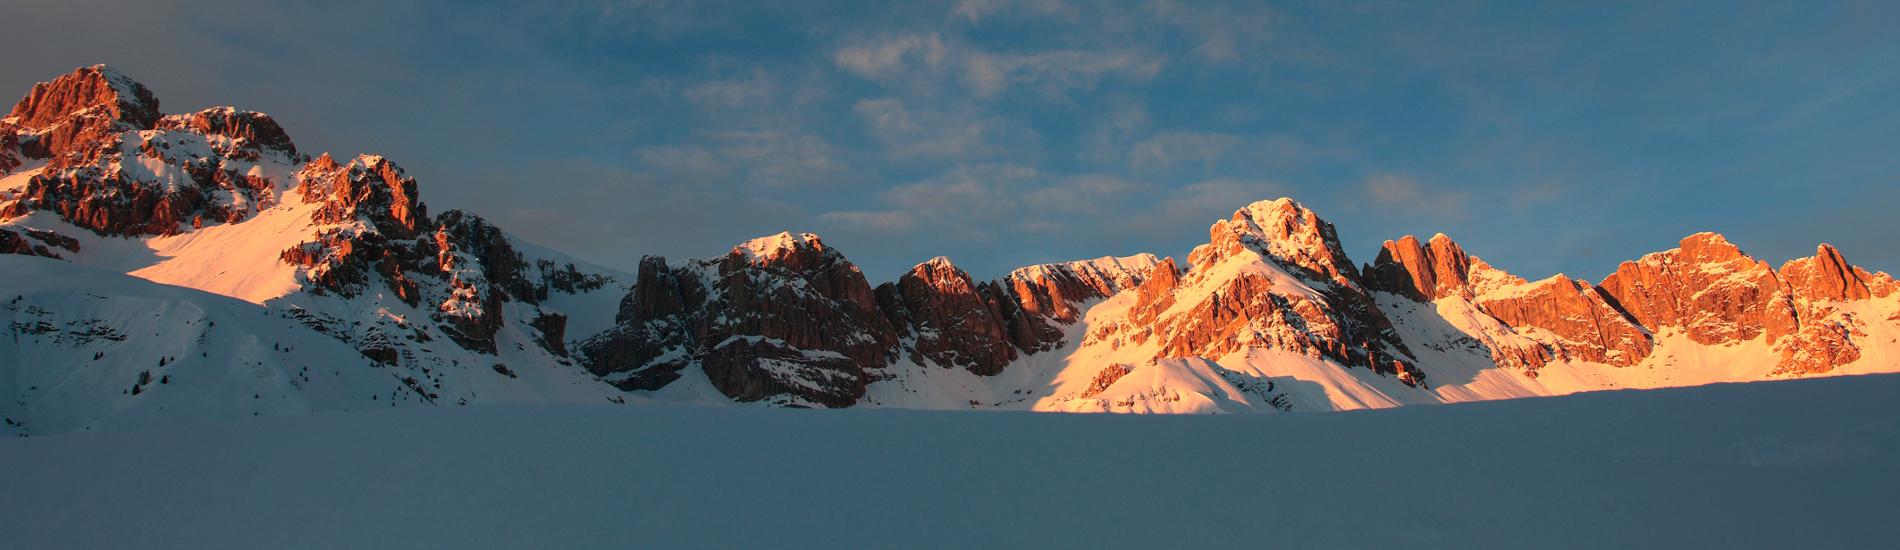 Vacanze invernali Val di Fassa